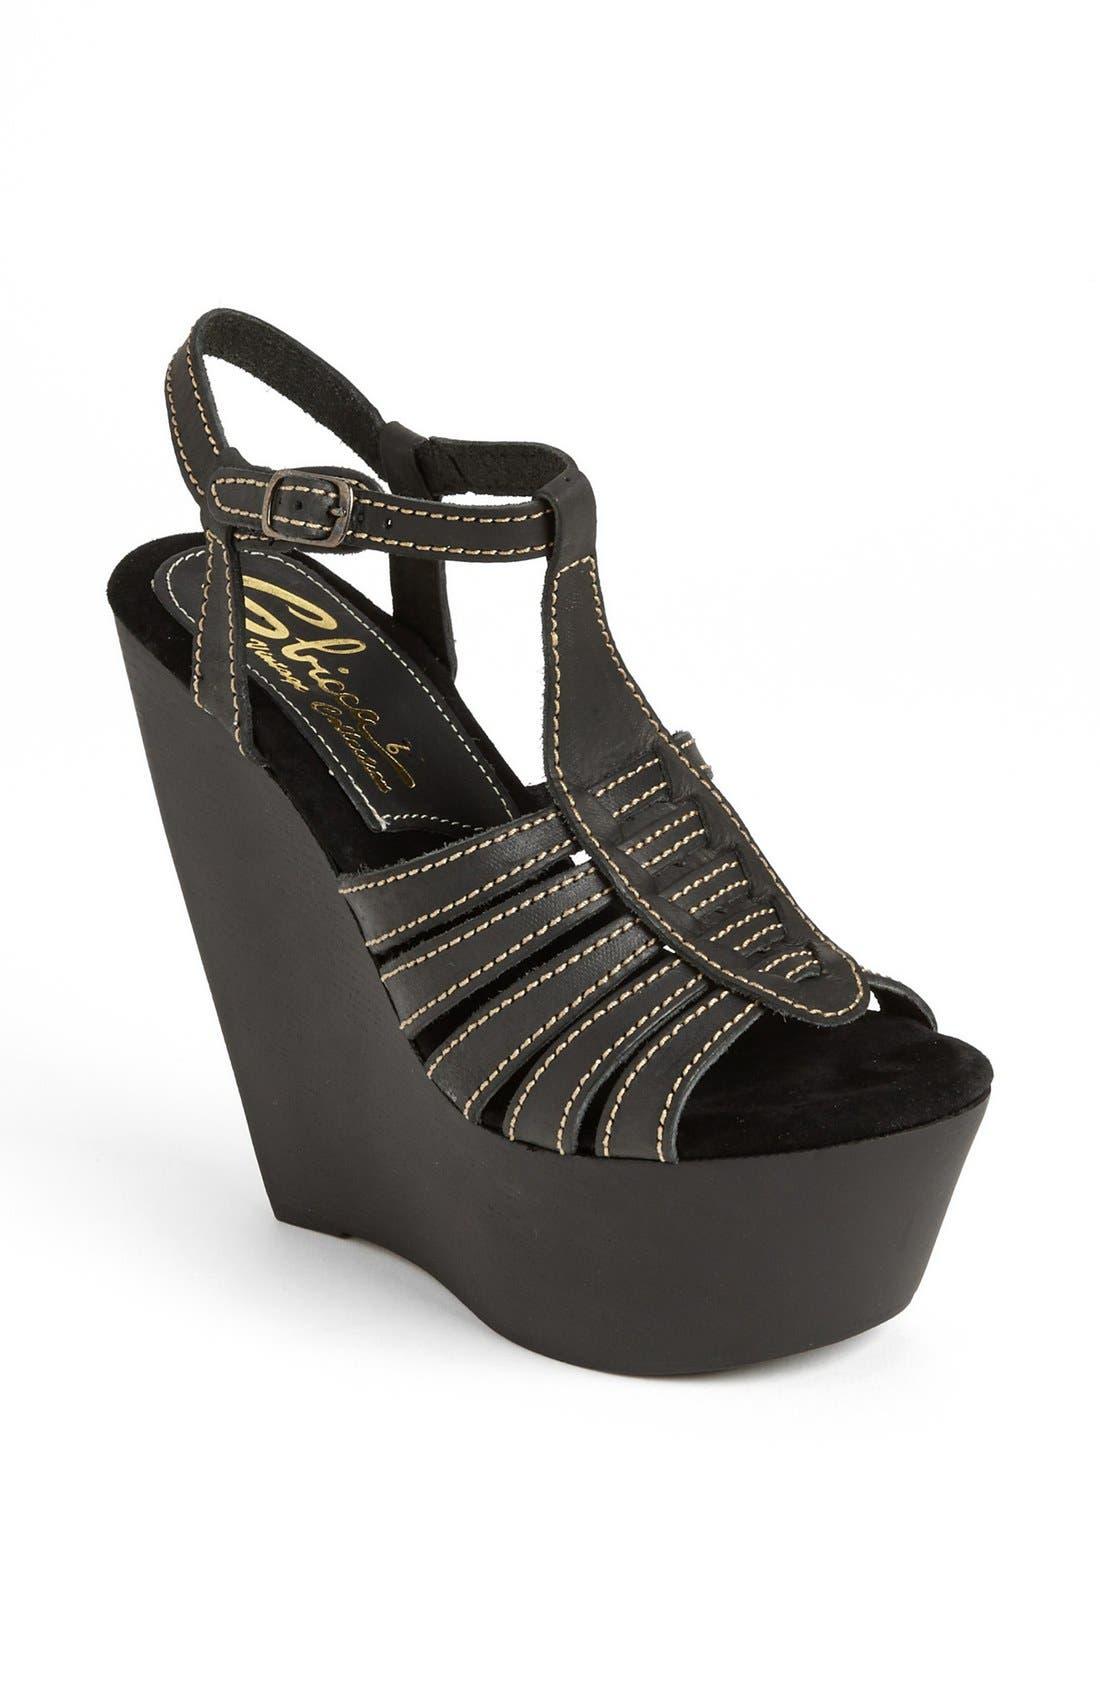 Alternate Image 1 Selected - Sbicca 'Basalt' Wedge Sandal